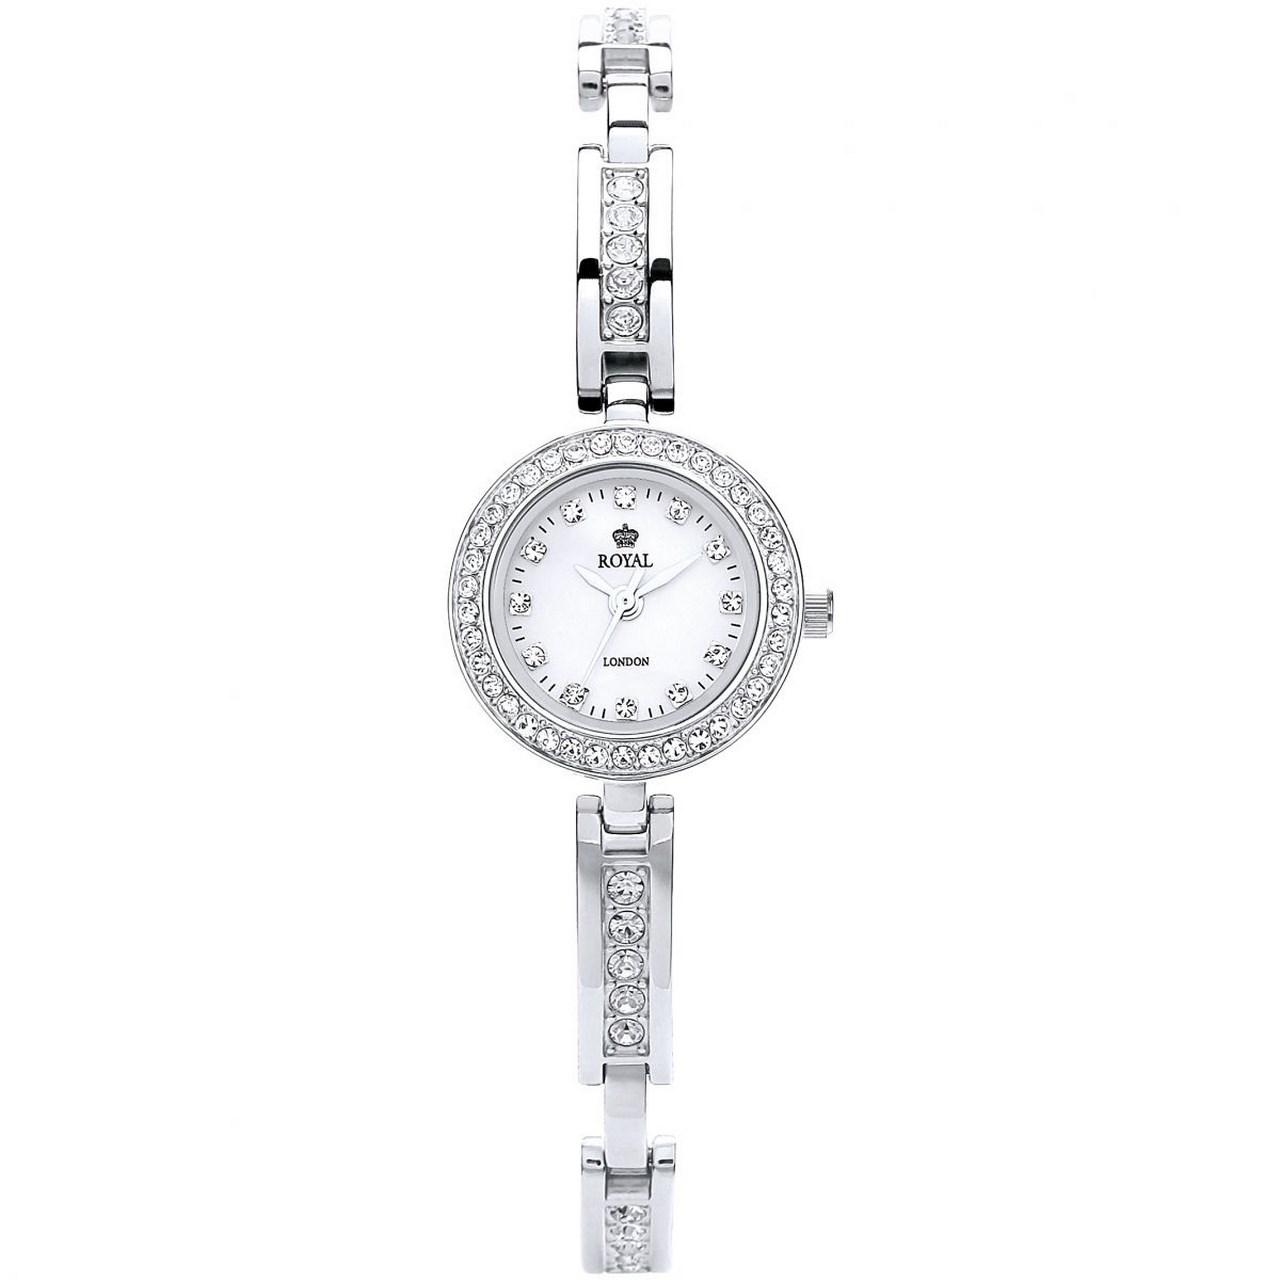 خرید ساعت مچی عقربه ای زنانه رویال لندن مدل RL-21161-01